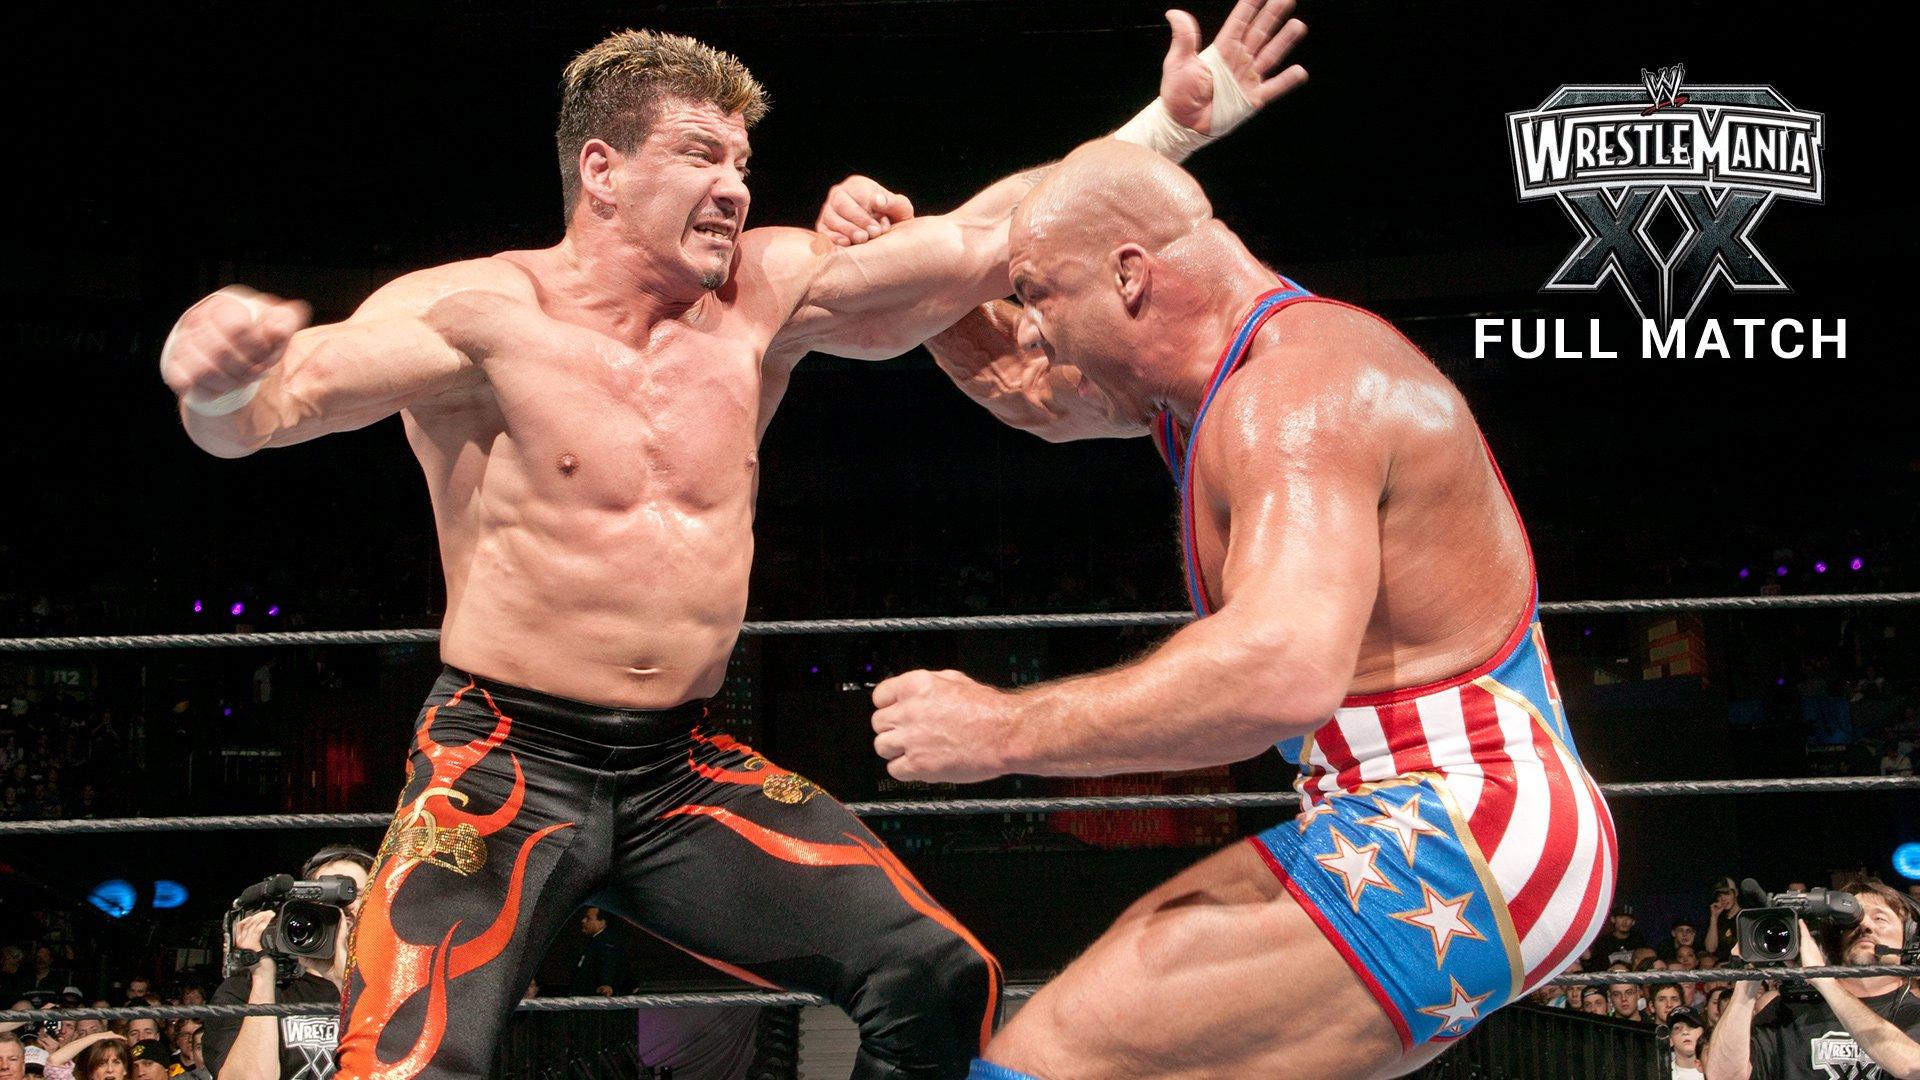 Eddie Guerrero vs. Kurt Angle - Match pour le Championnat WWE: WrestleMania XX (Match Intégral - Exclusivité WWE Network)